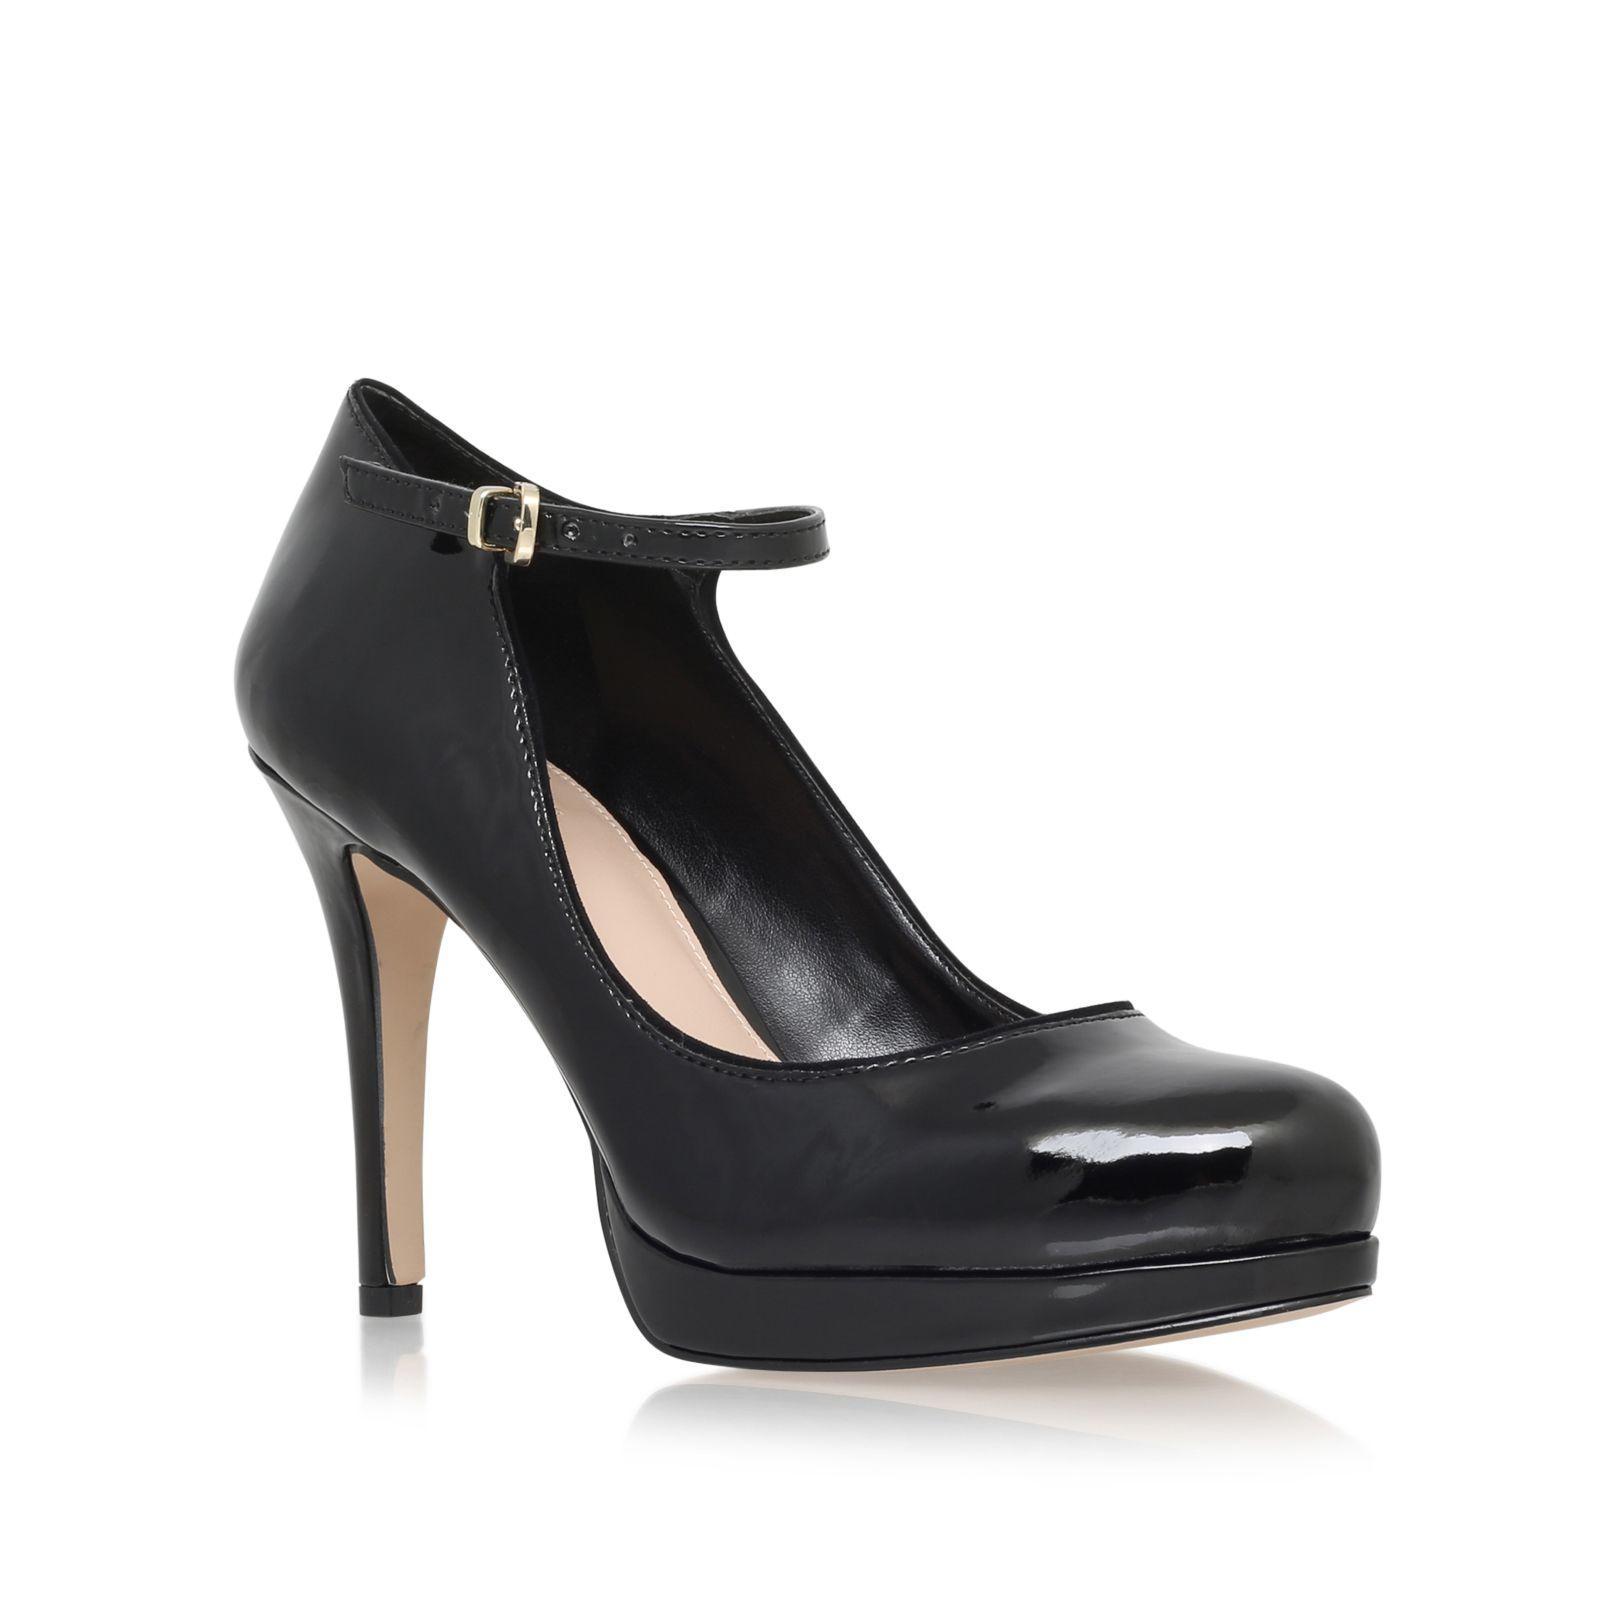 carvela kurt geiger adele high heel court shoes in black